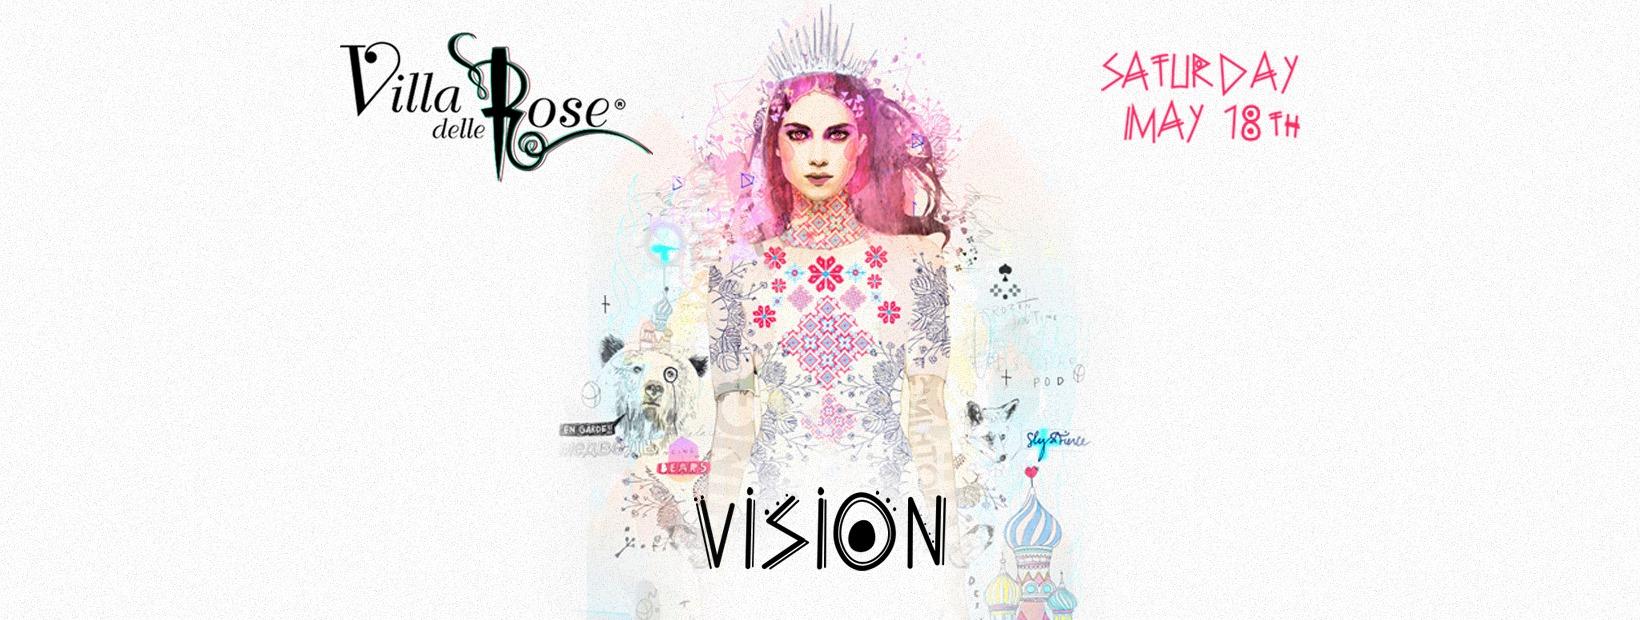 Villa Delle Rose – Sabato 18 Maggio 2019 – Ticket Biglietti 18app Tavoli Pacchetti Hotel